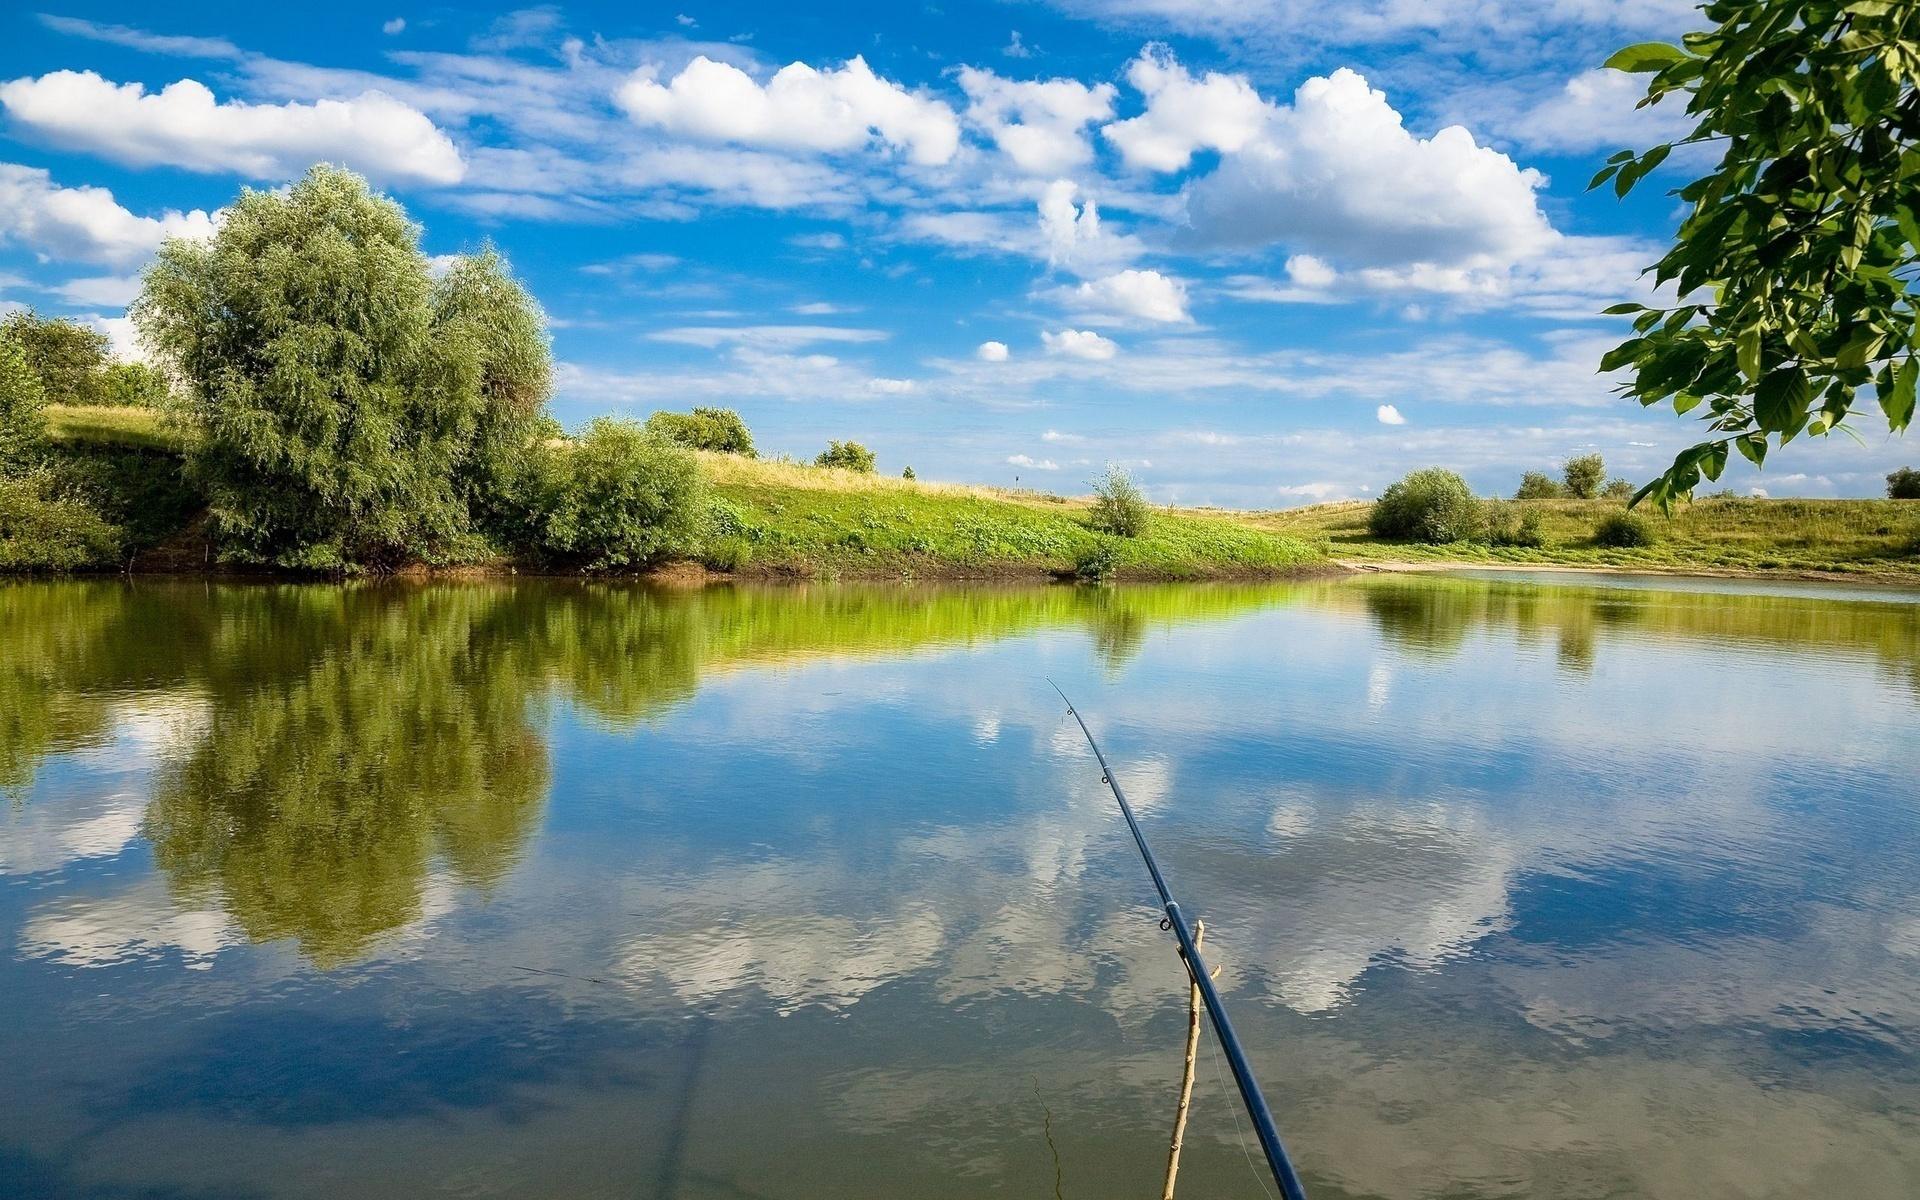 Красивые картинки рыбалки, видео